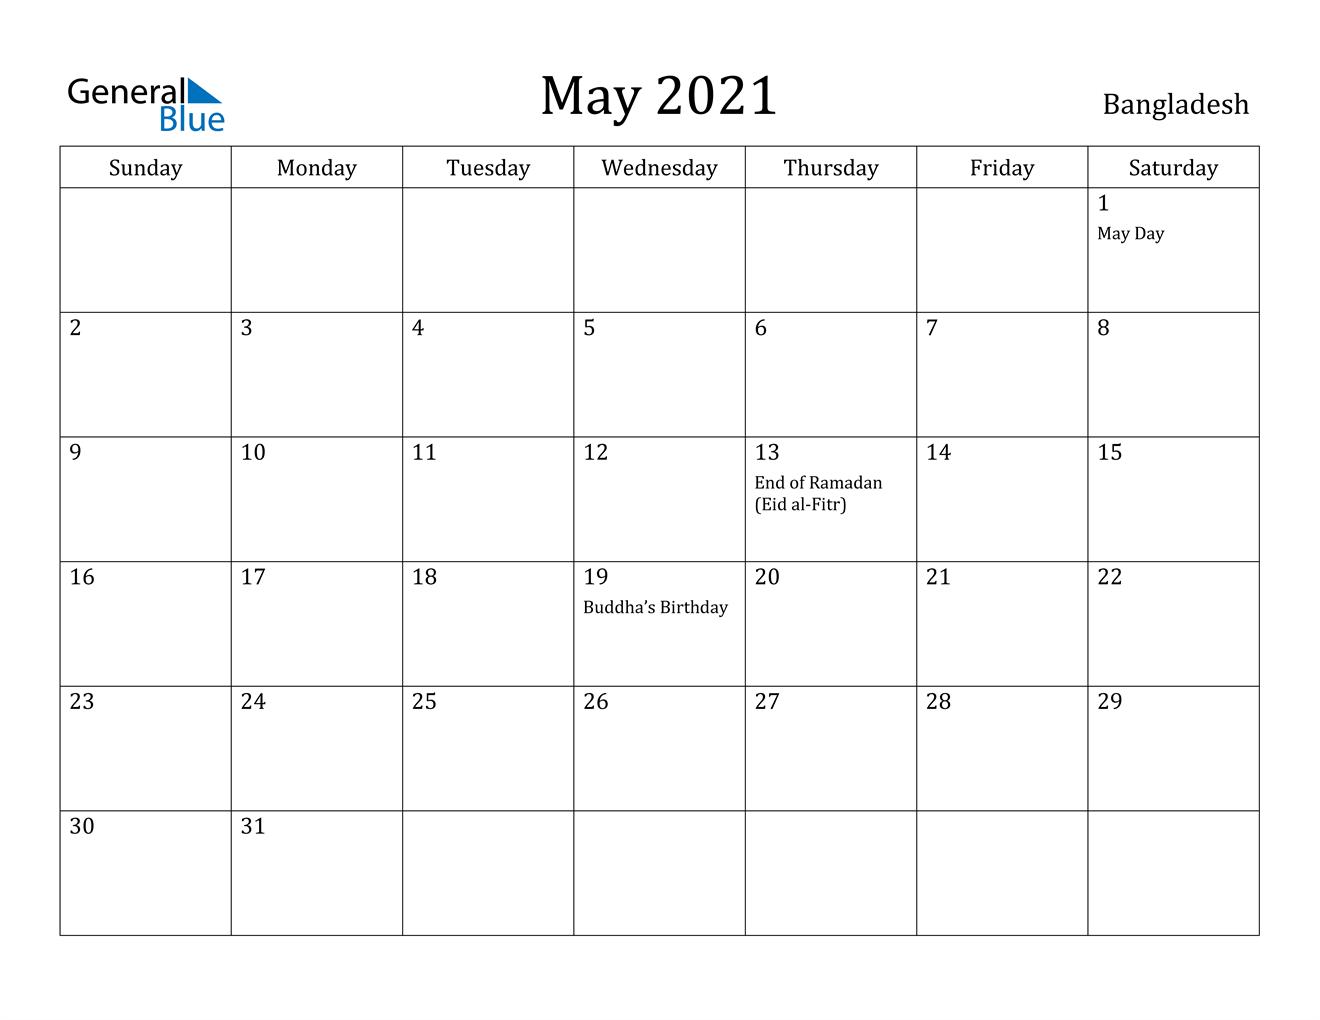 May 2021 Calendar - Bangladesh